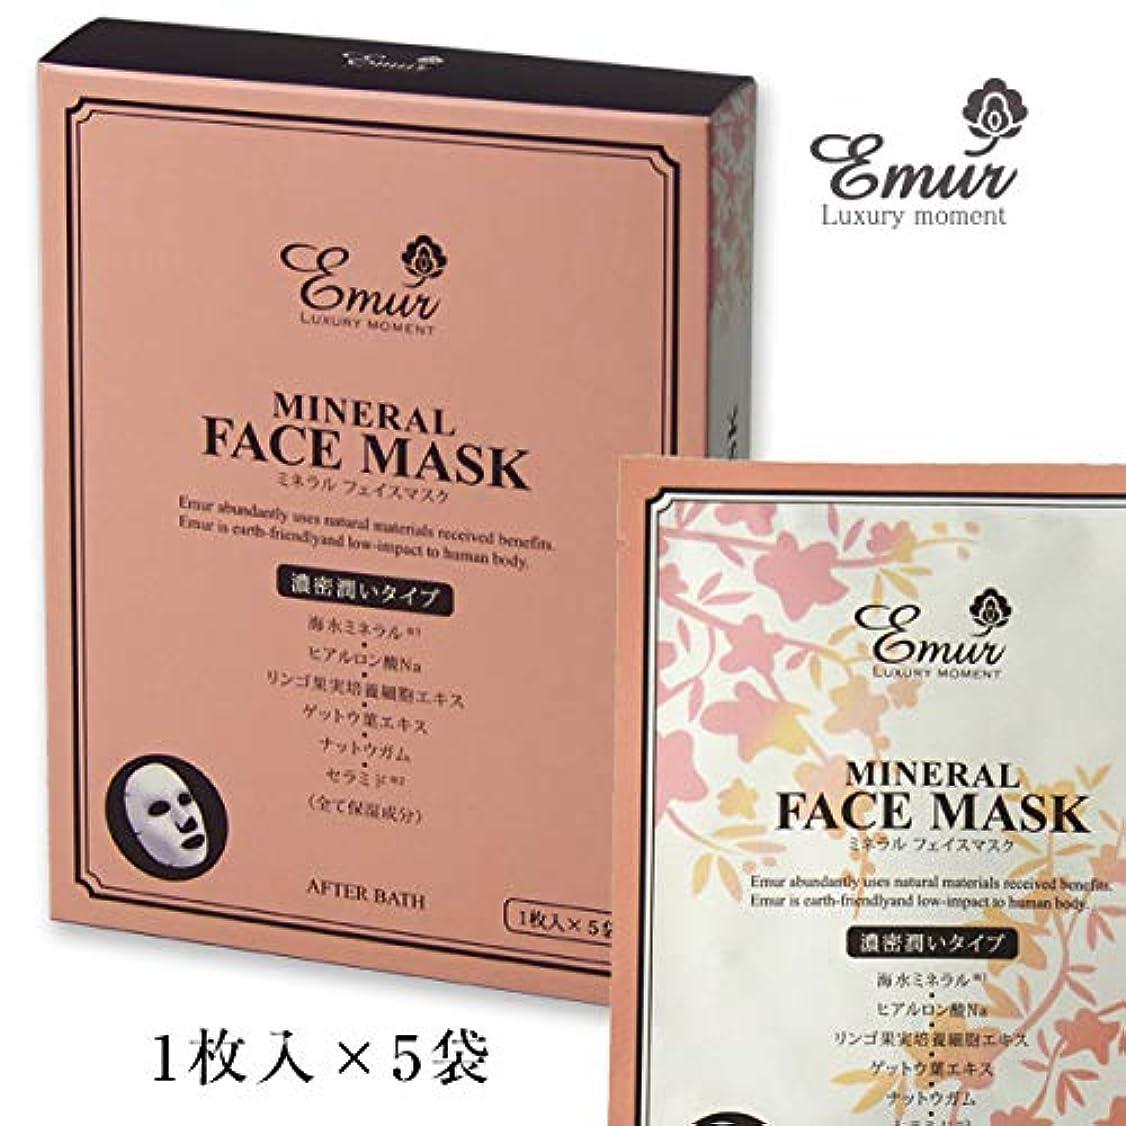 在庫マルクス主義者確率エミュール ミネラル フェイスマスク 1枚入×5袋